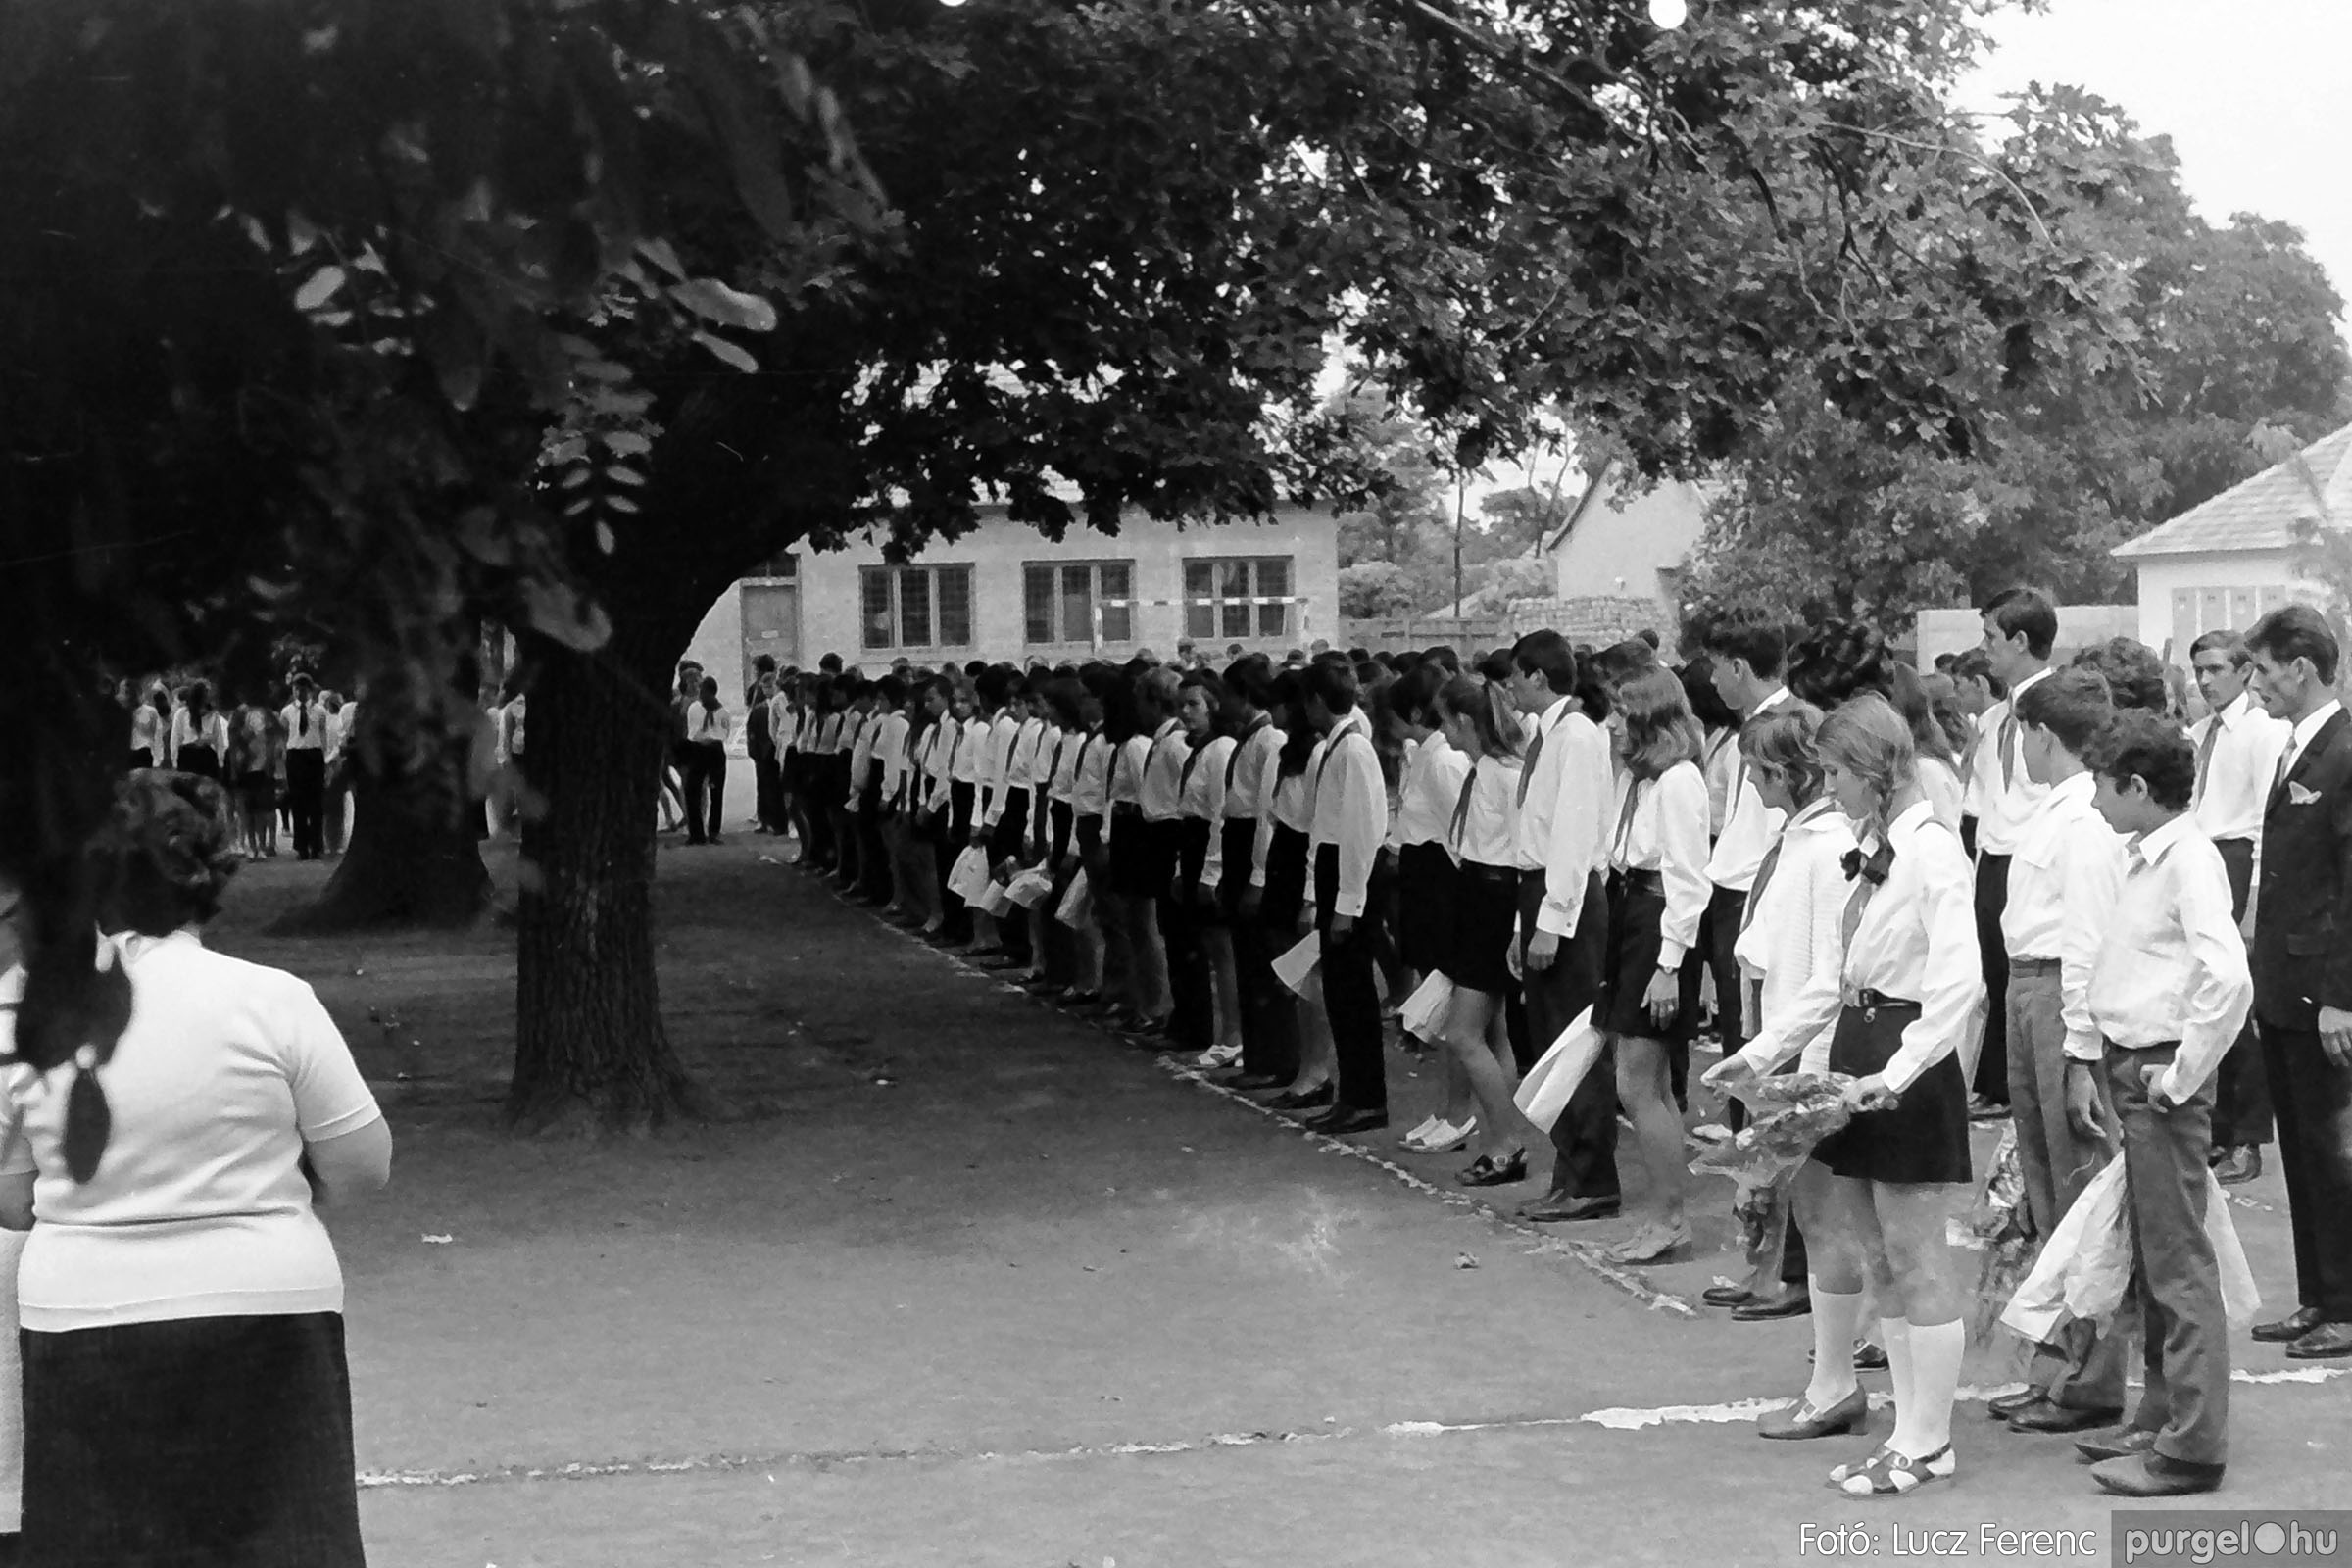 001 1972.05.27. Ballagás a szegvári iskolában 026 - Fotó: Lucz Ferenc - IMG01084q.JPG